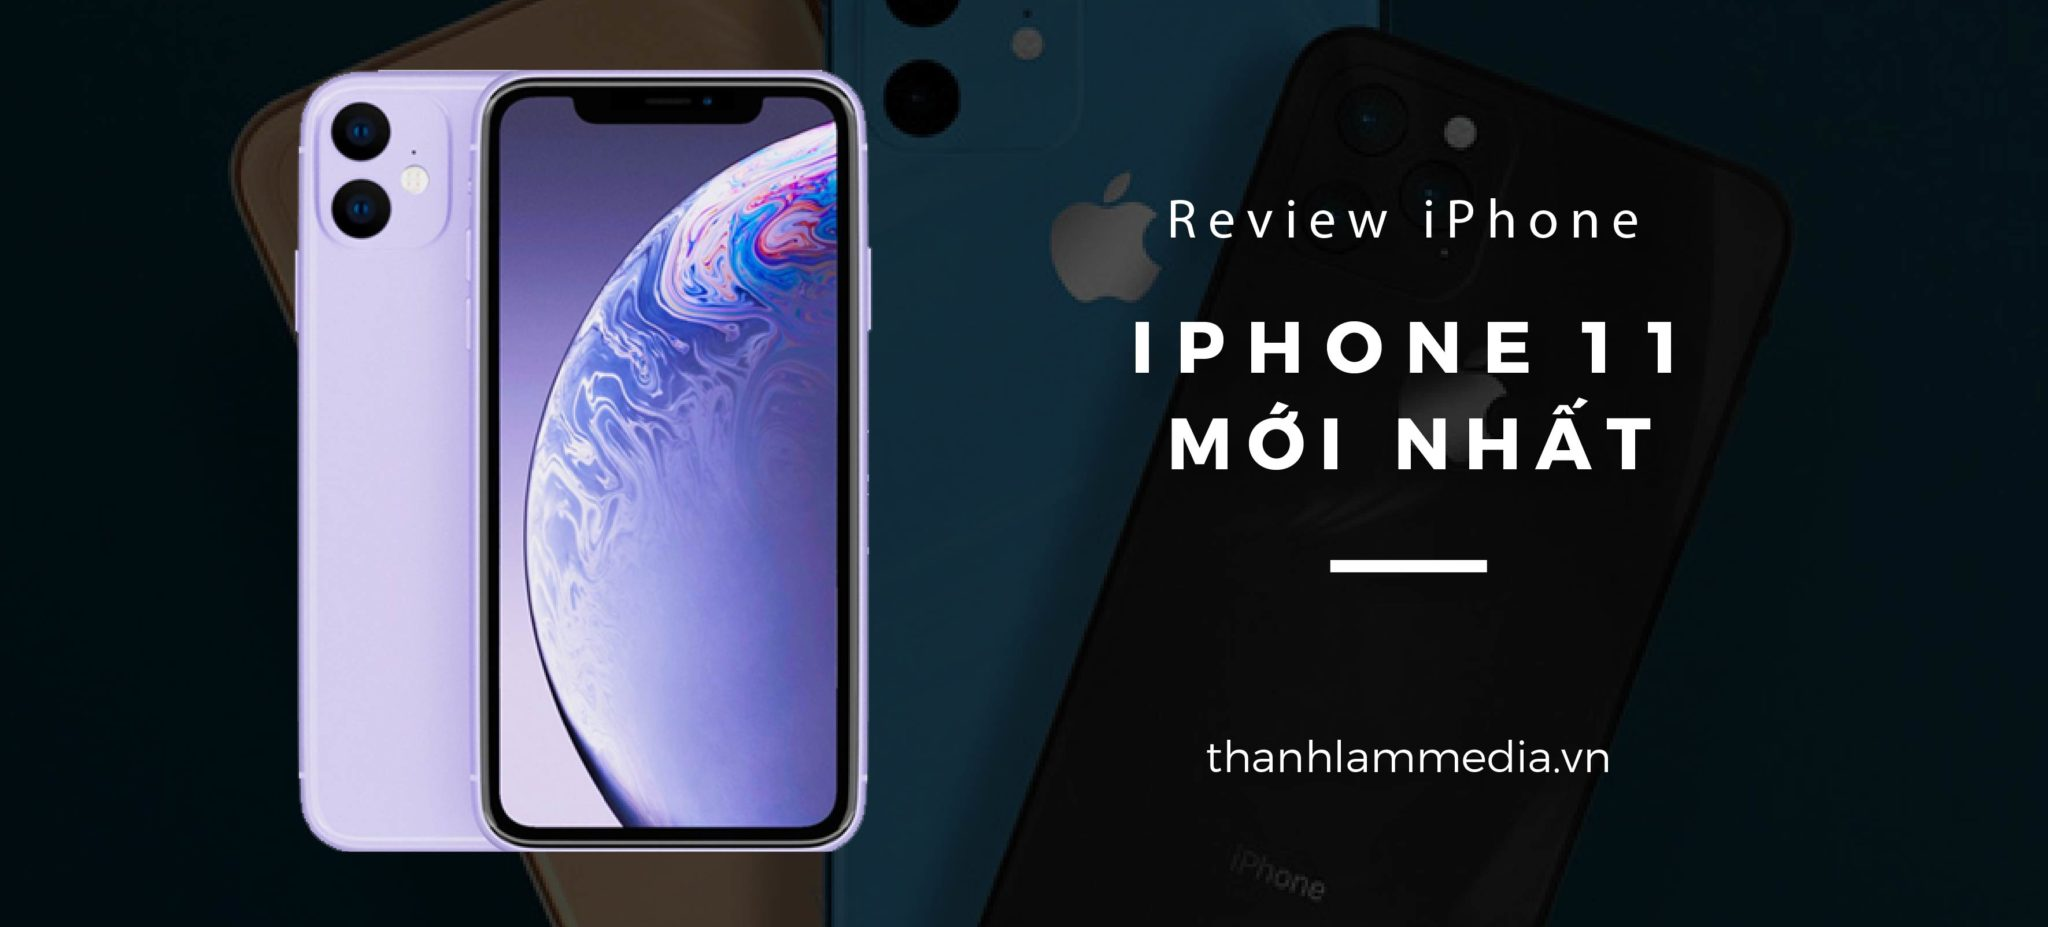 Review iPhone 11 mới nhất - chiếc iPhone hợp lý nhất thời điểm hiện tại 1